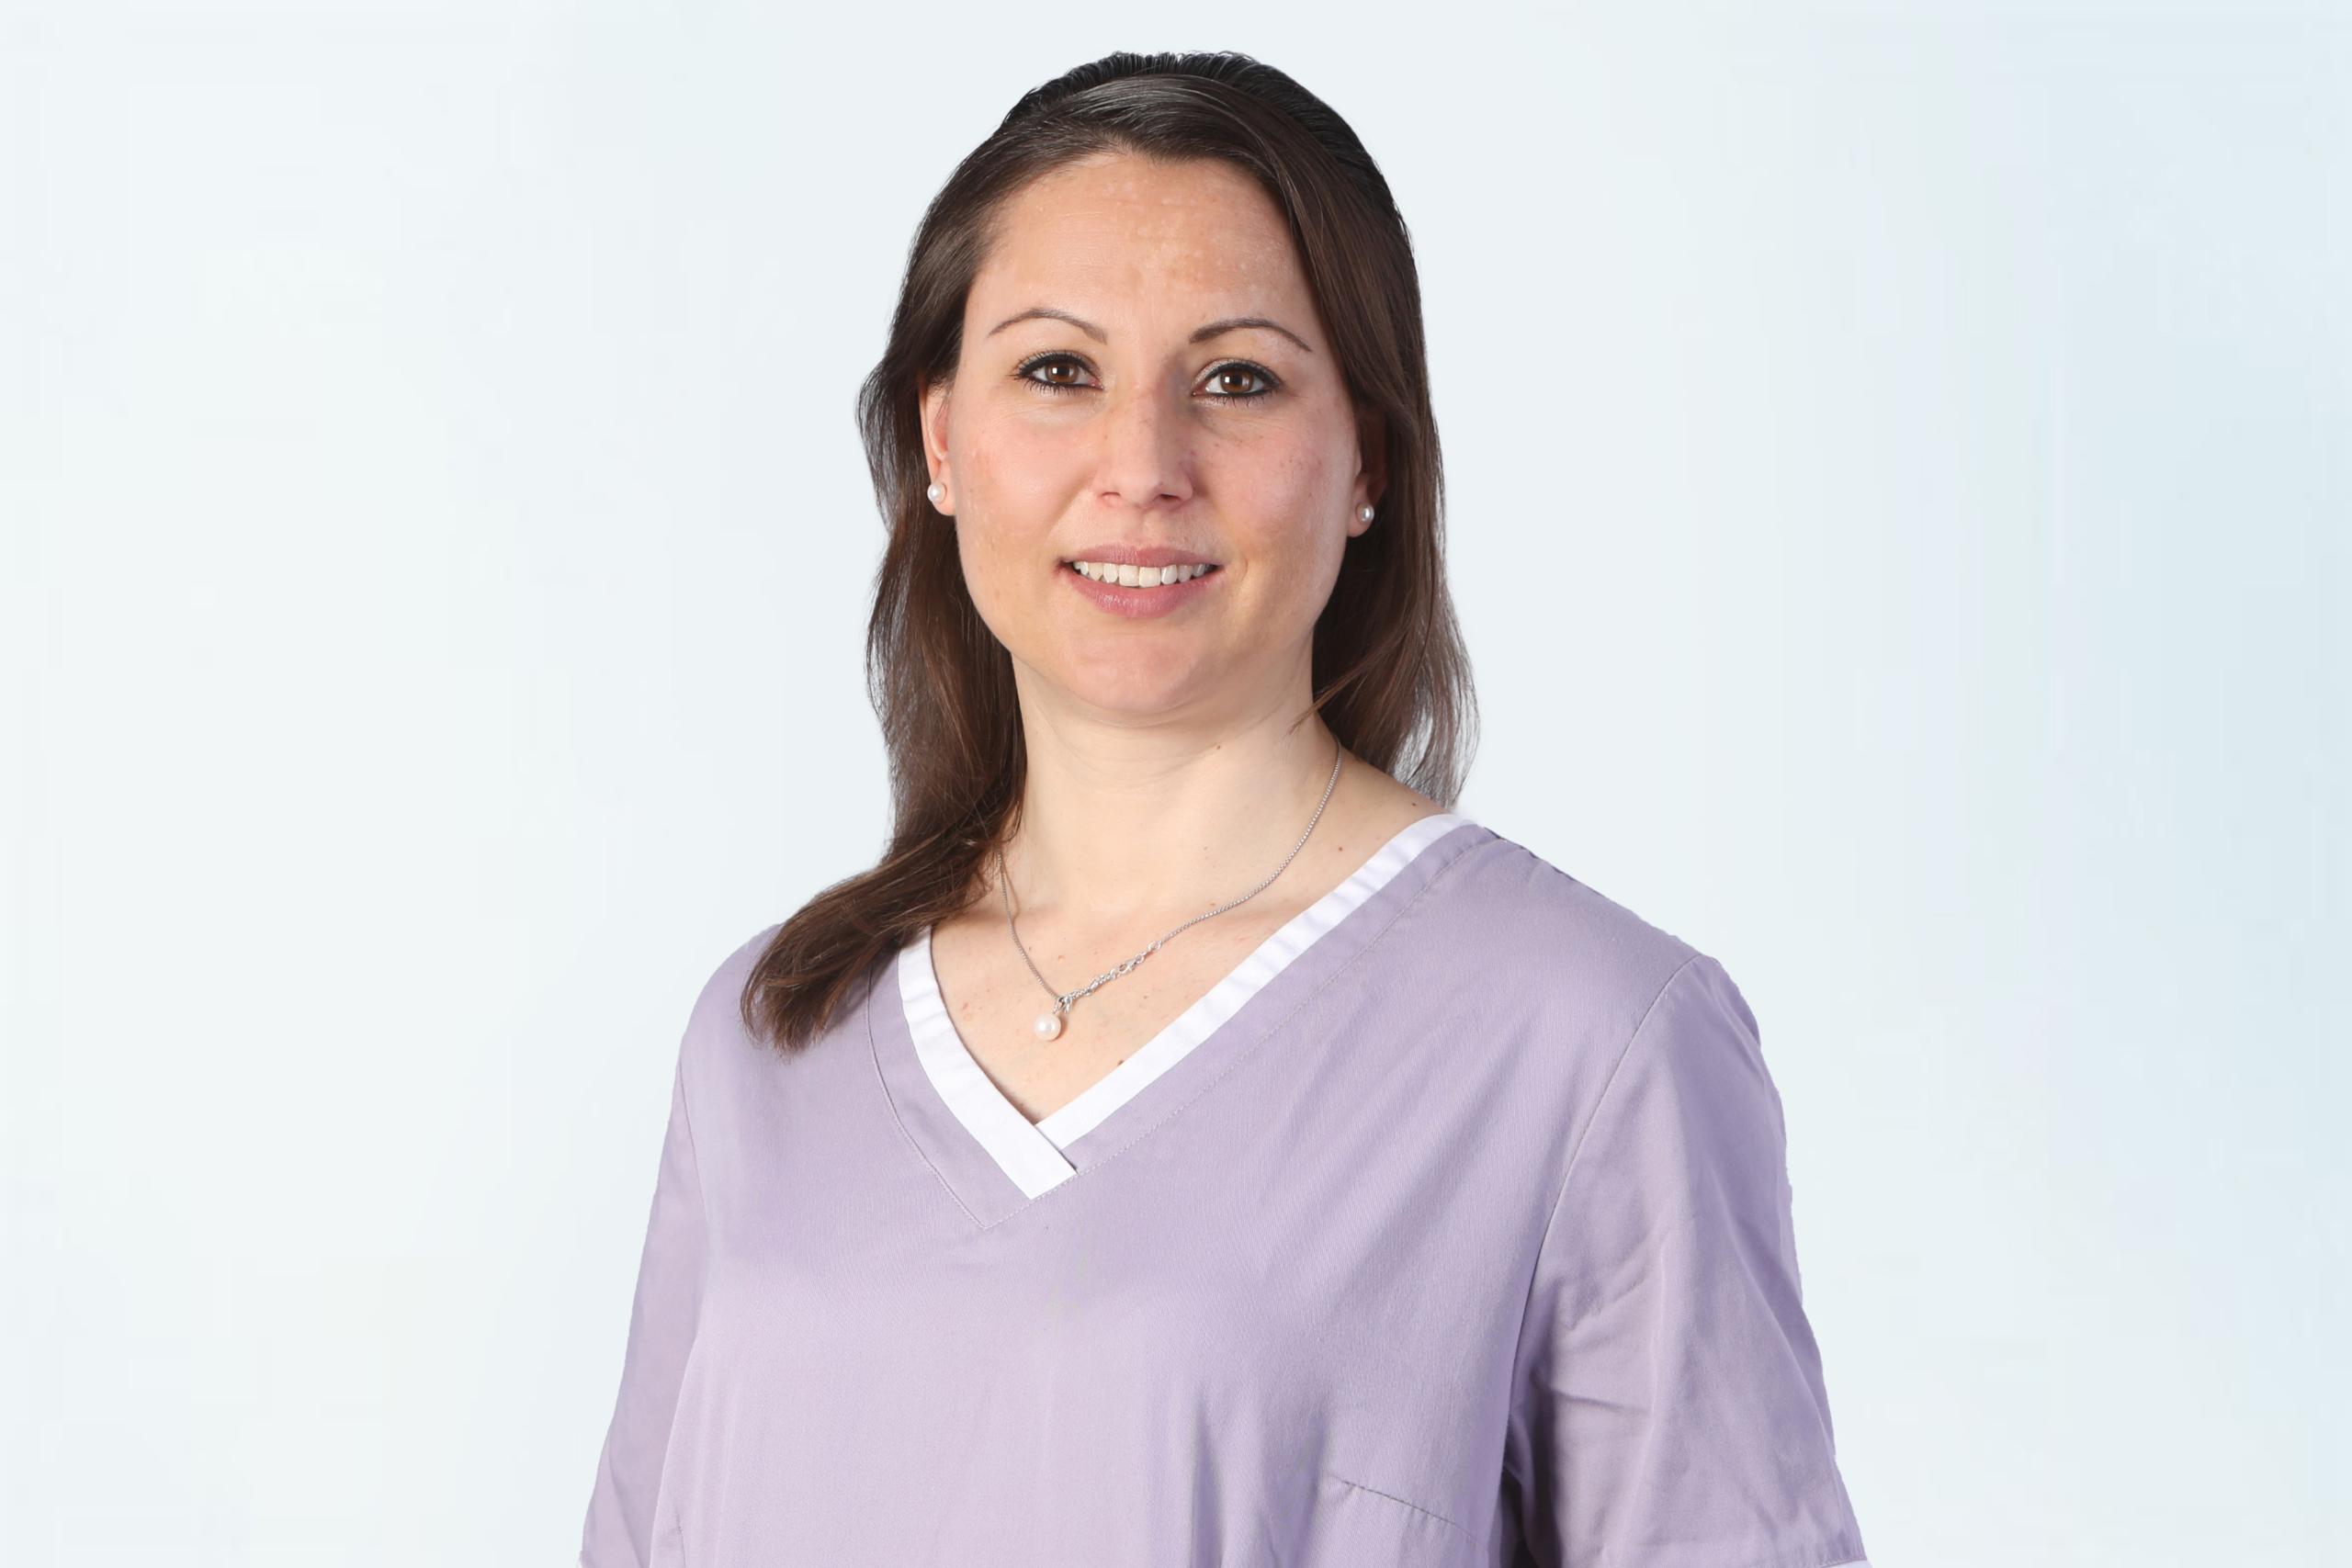 Yvonne Klimesch